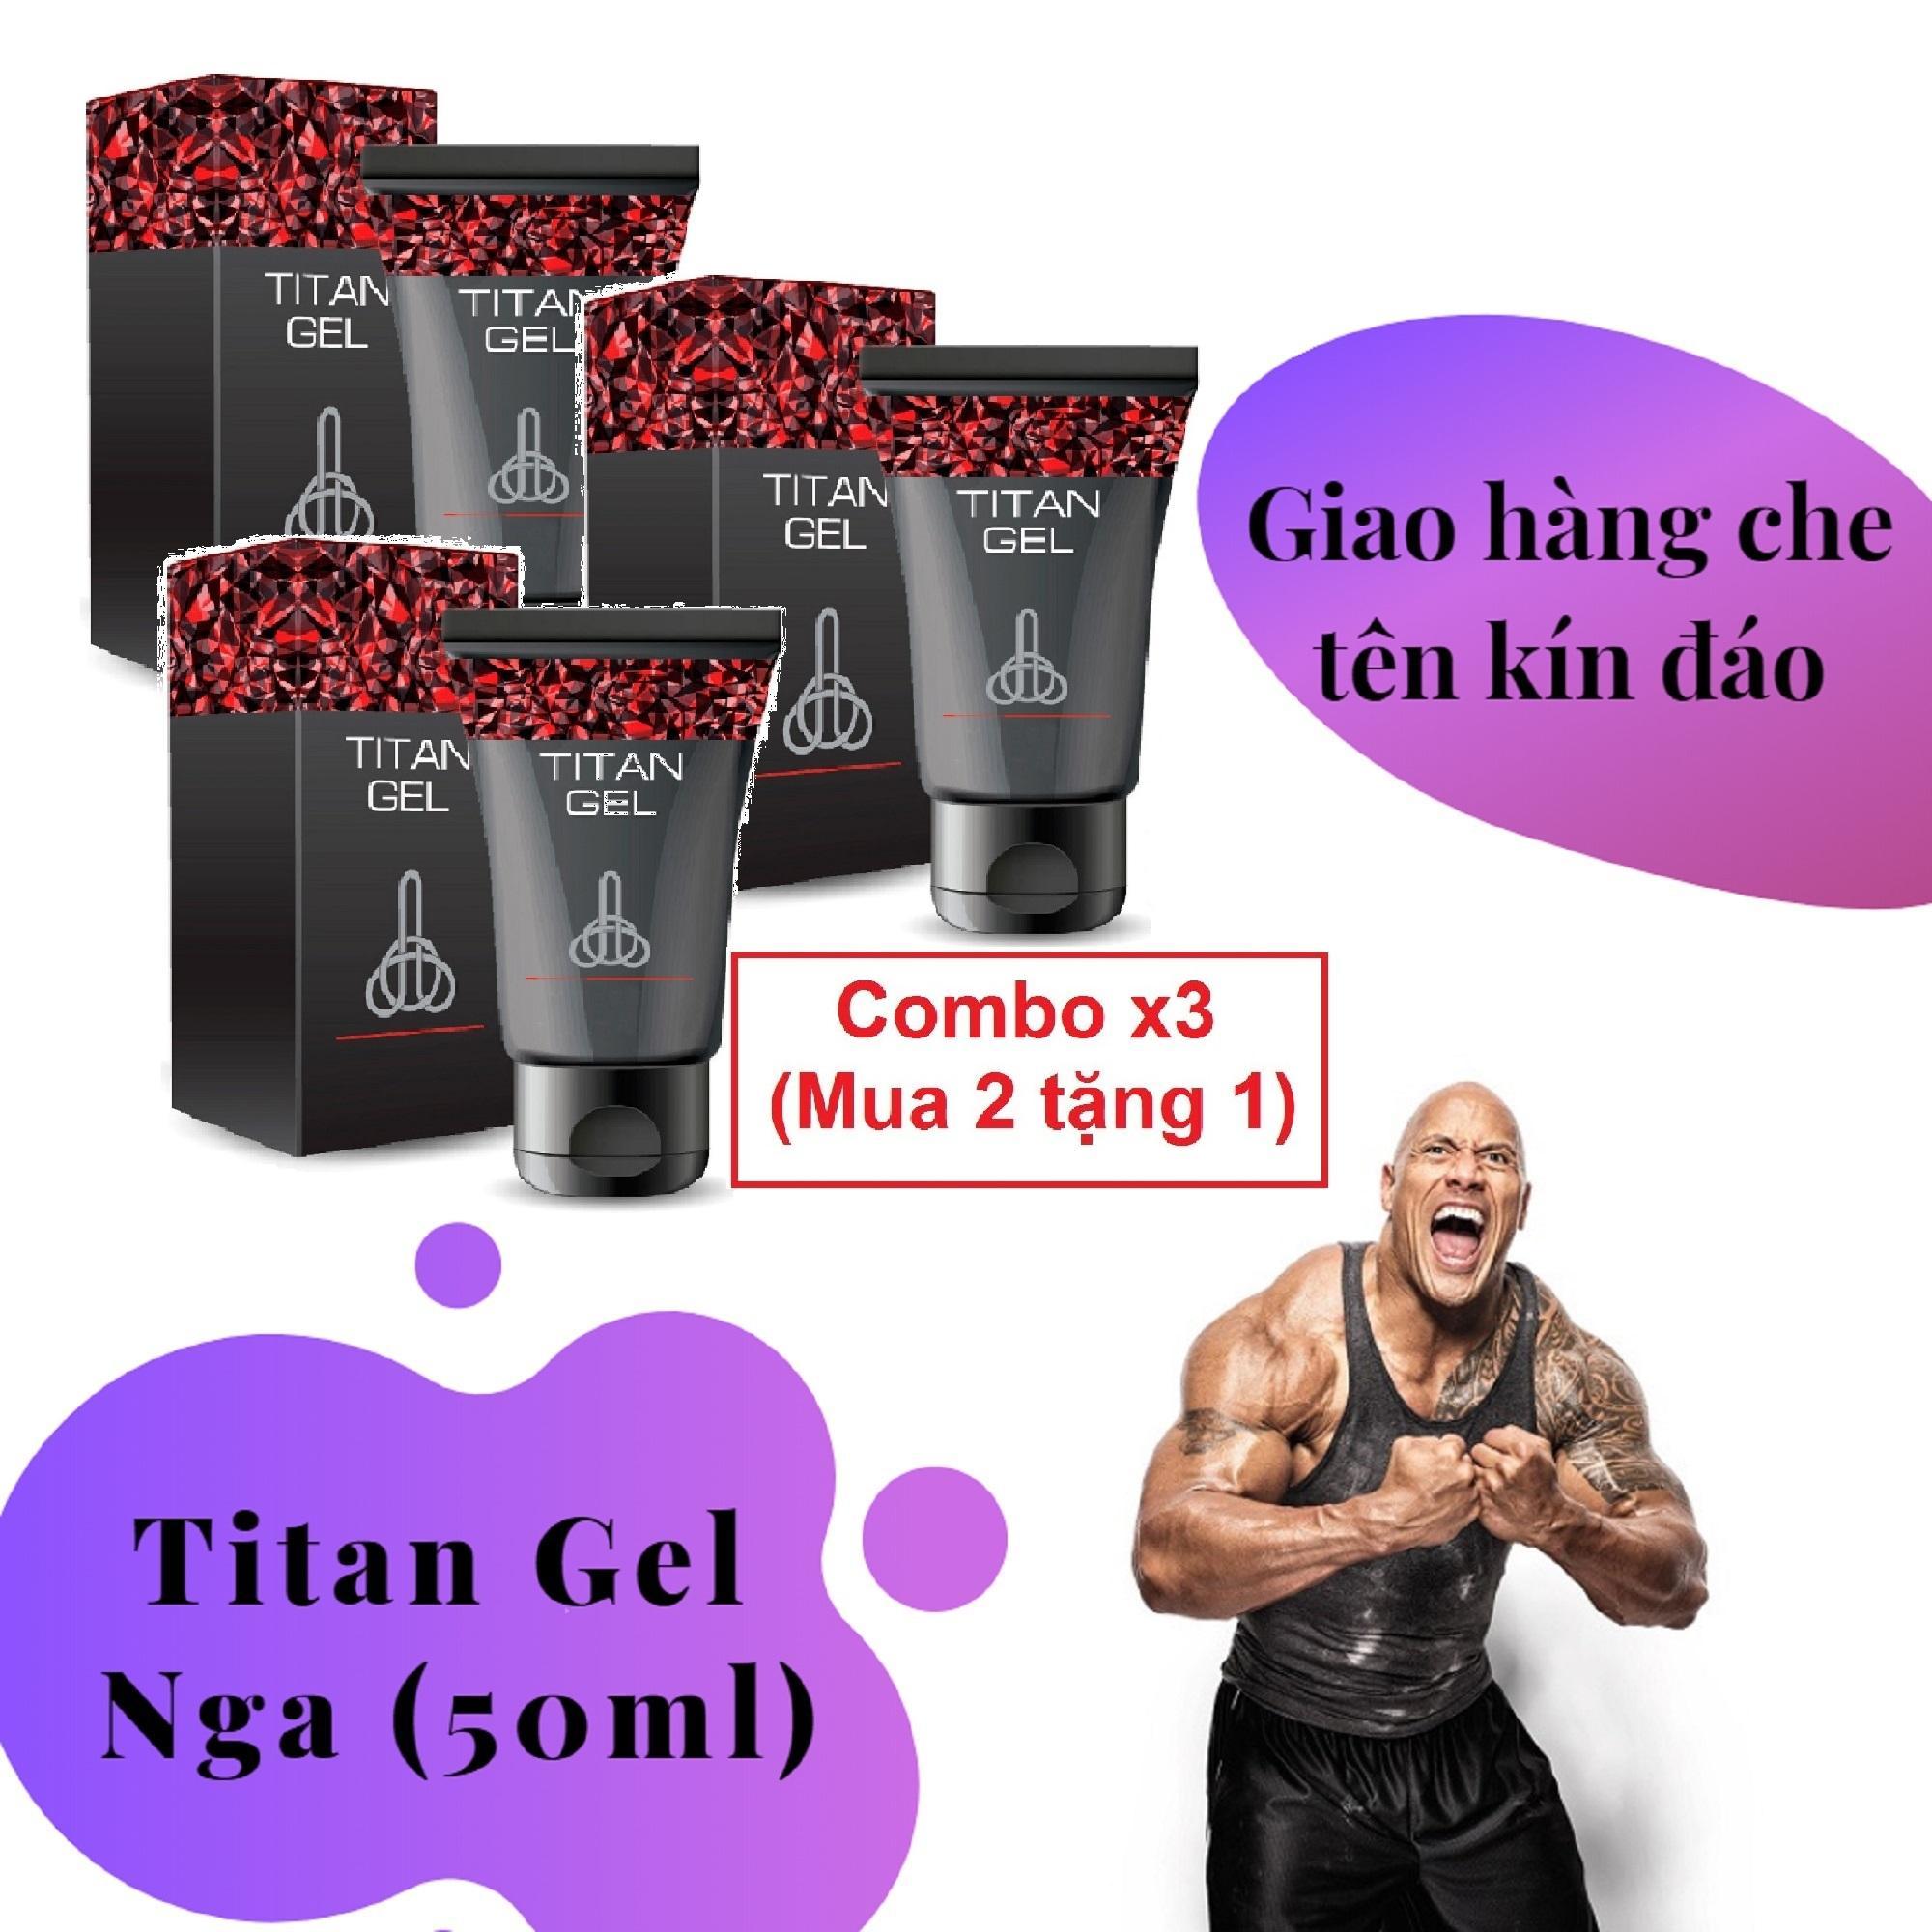 Combo x3 (Mua 2 tặng 1) [ Lô mới nhất ] Gel-Titan-Nga cao cấp (50ml) (Che tên khi giao hàng)